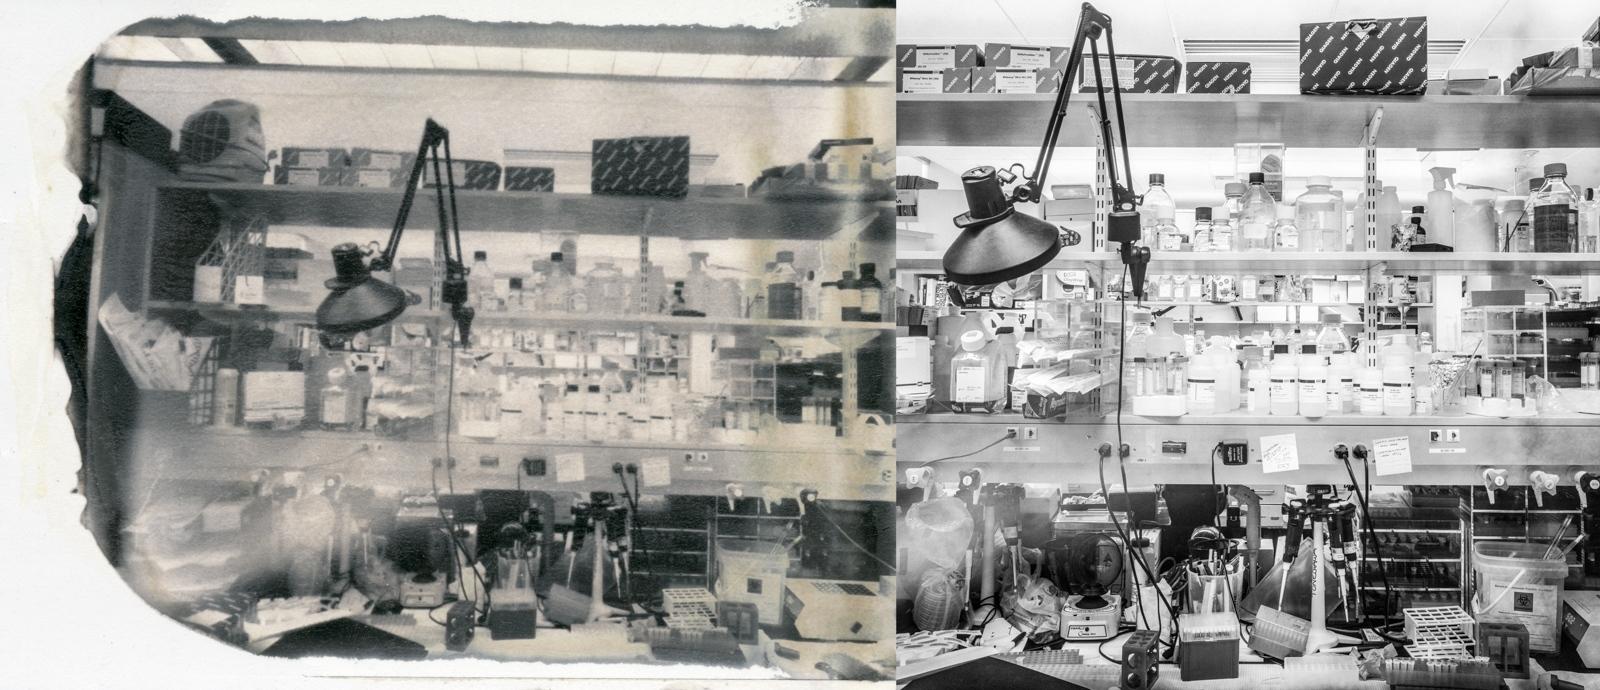 Art and Documentary Photography - Loading Sarinana_Joshua_22.jpg